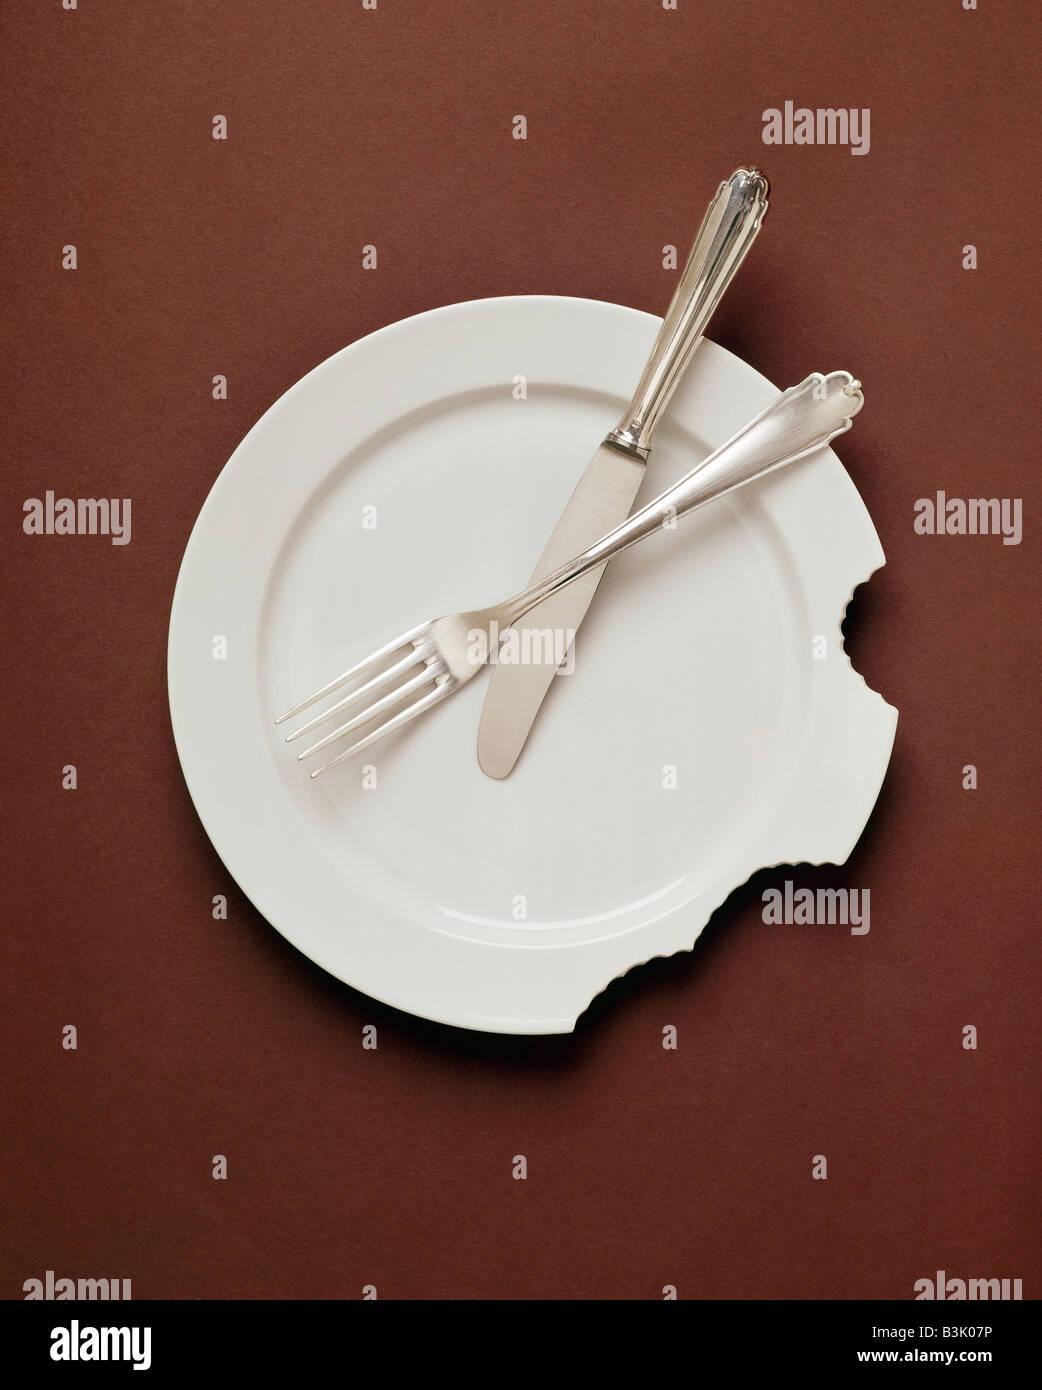 Coltello e forchetta sulla piastra bianca con punture di umano Immagini Stock